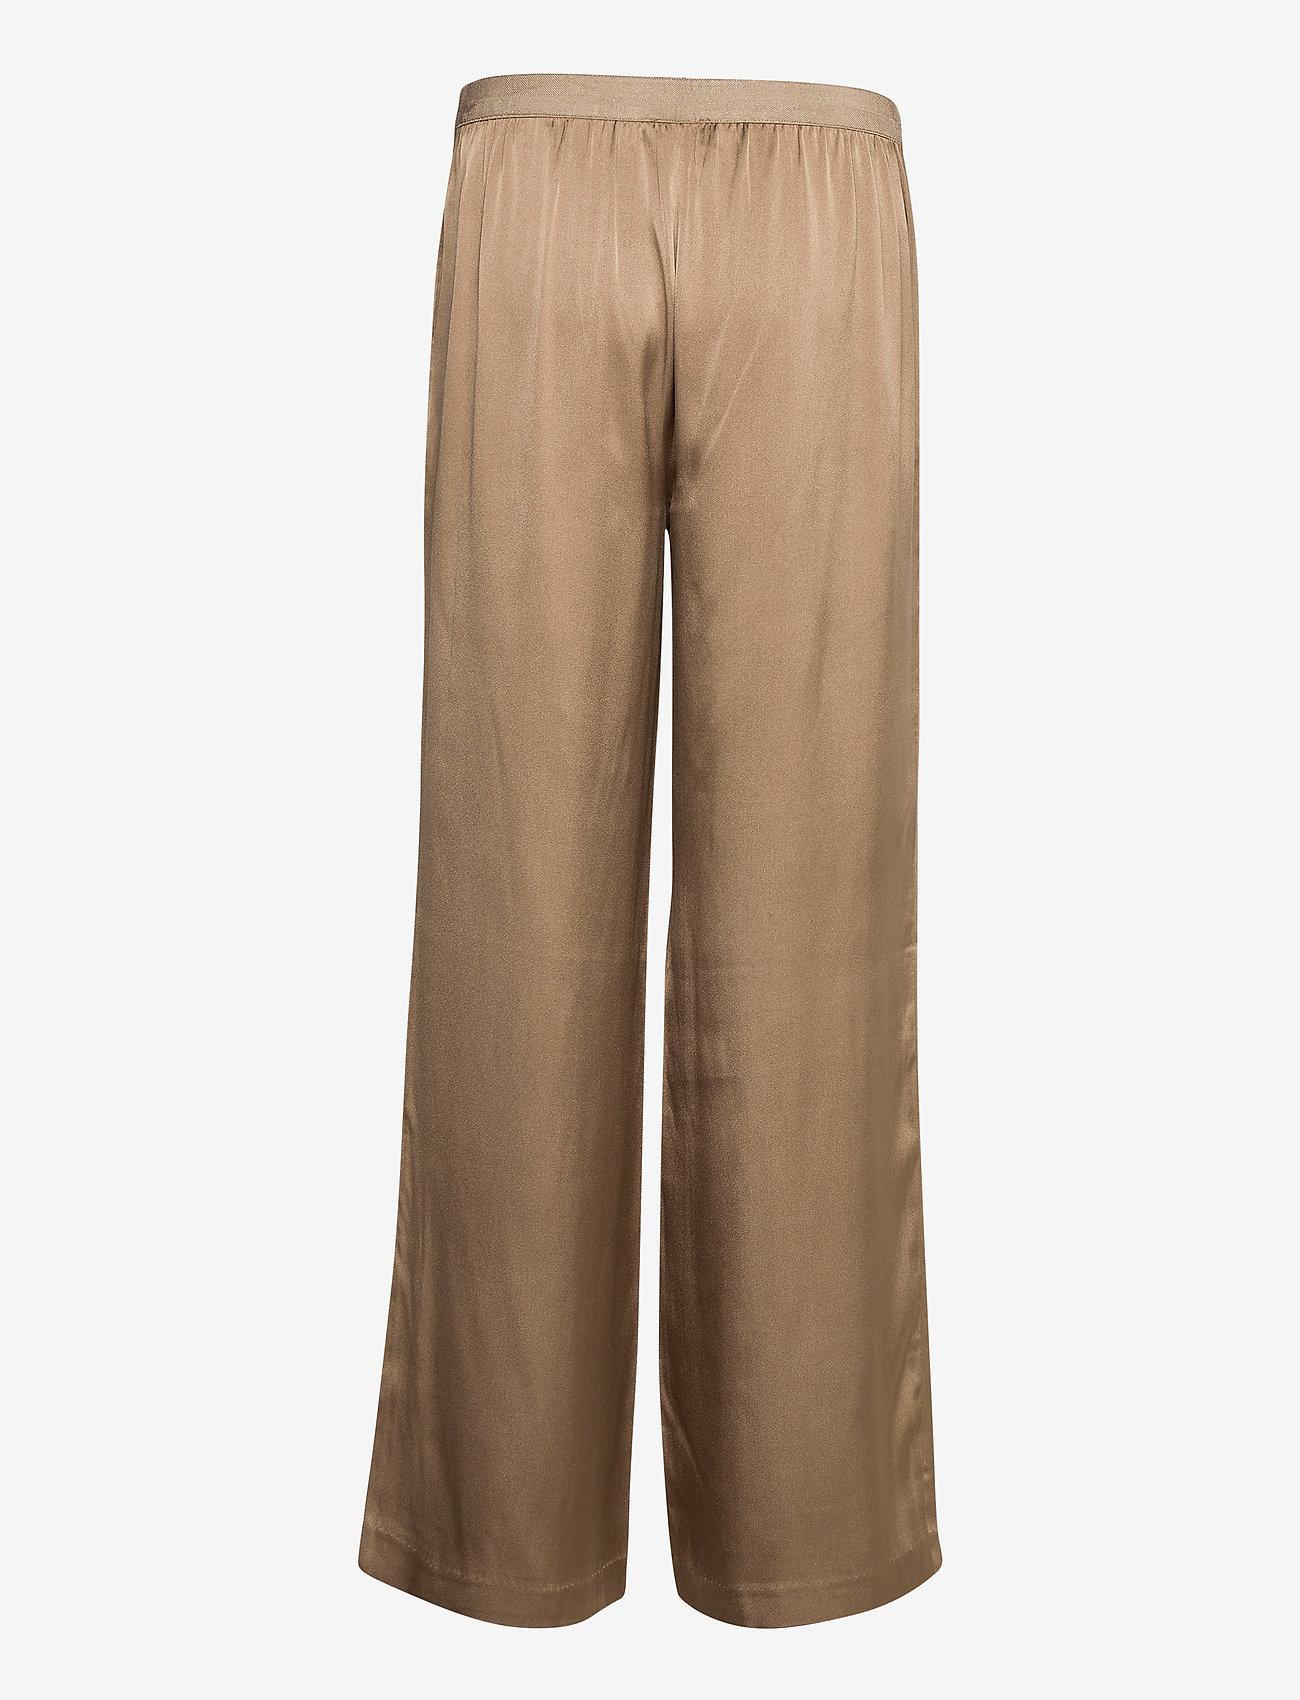 SAND - Double Silk - Sasha Flex Pleated - bukser med brede ben - light camel - 1